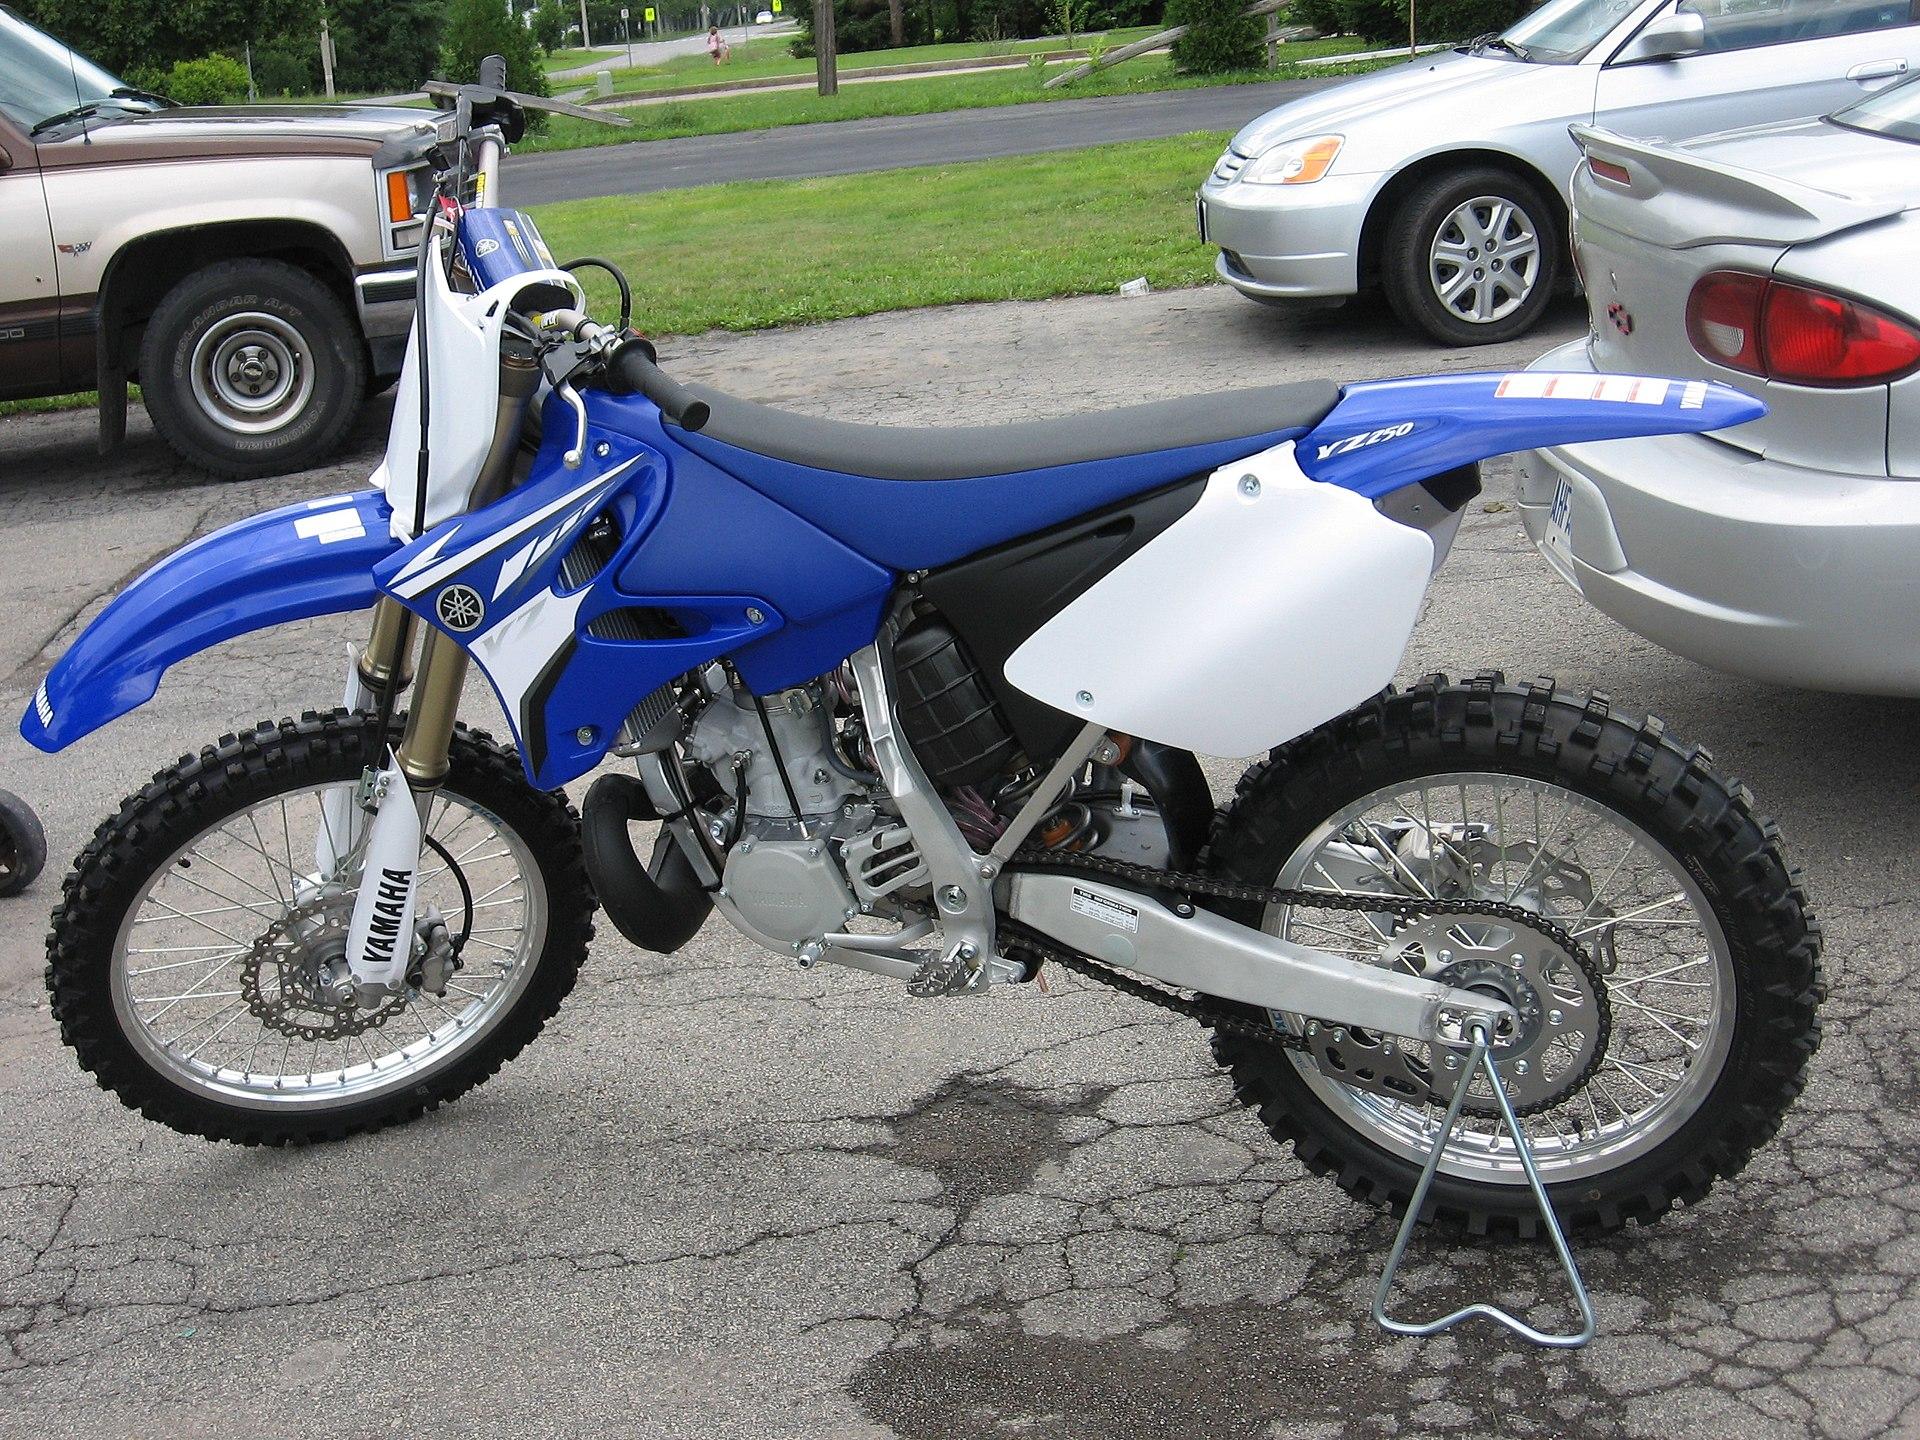 Yamaha Yz250 Wikipedia